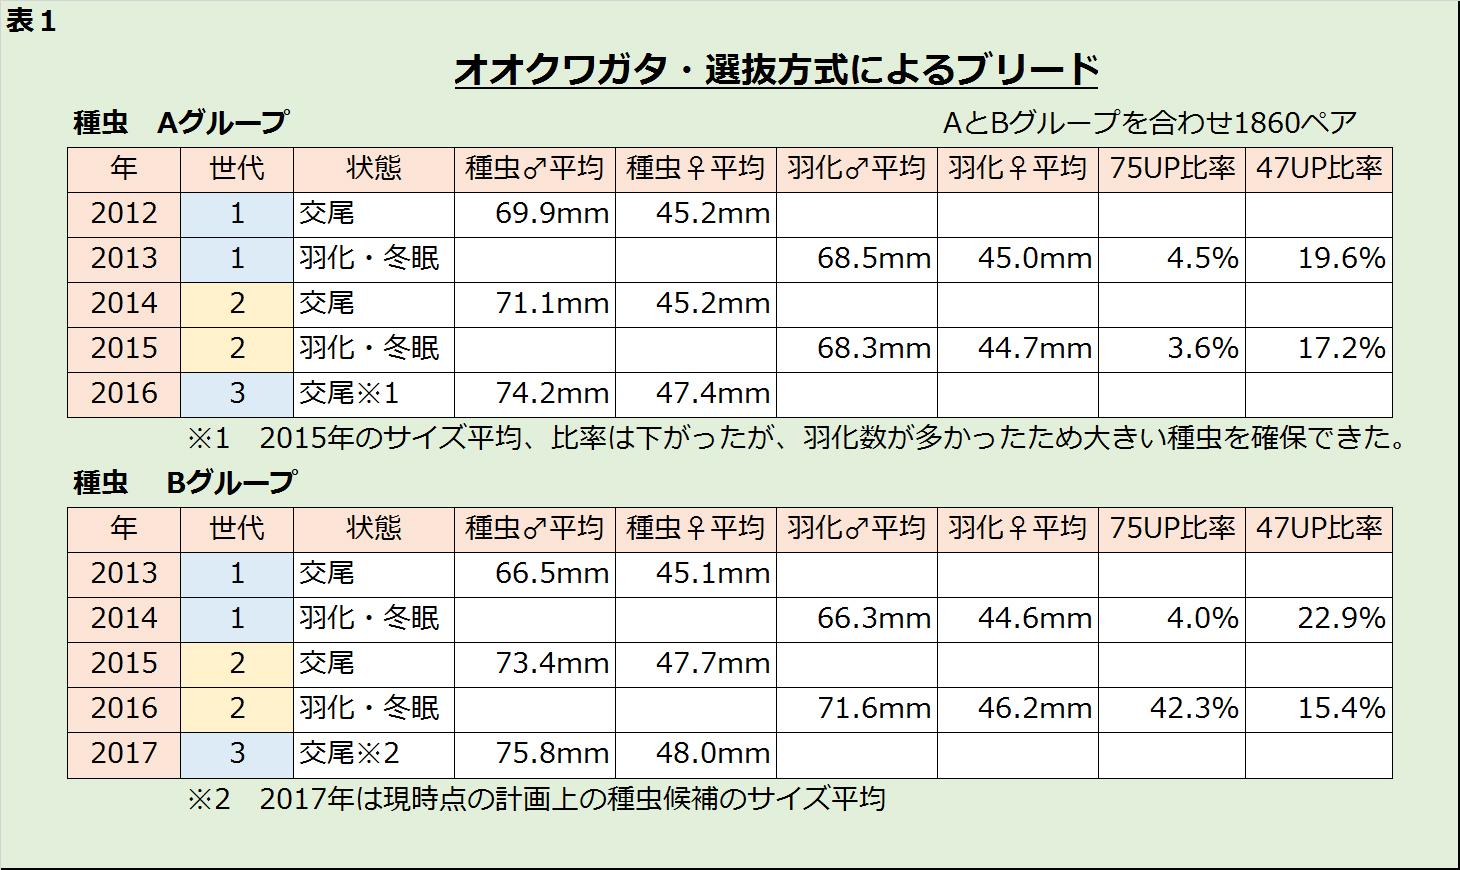 マガジン-201704-1-選抜方式1